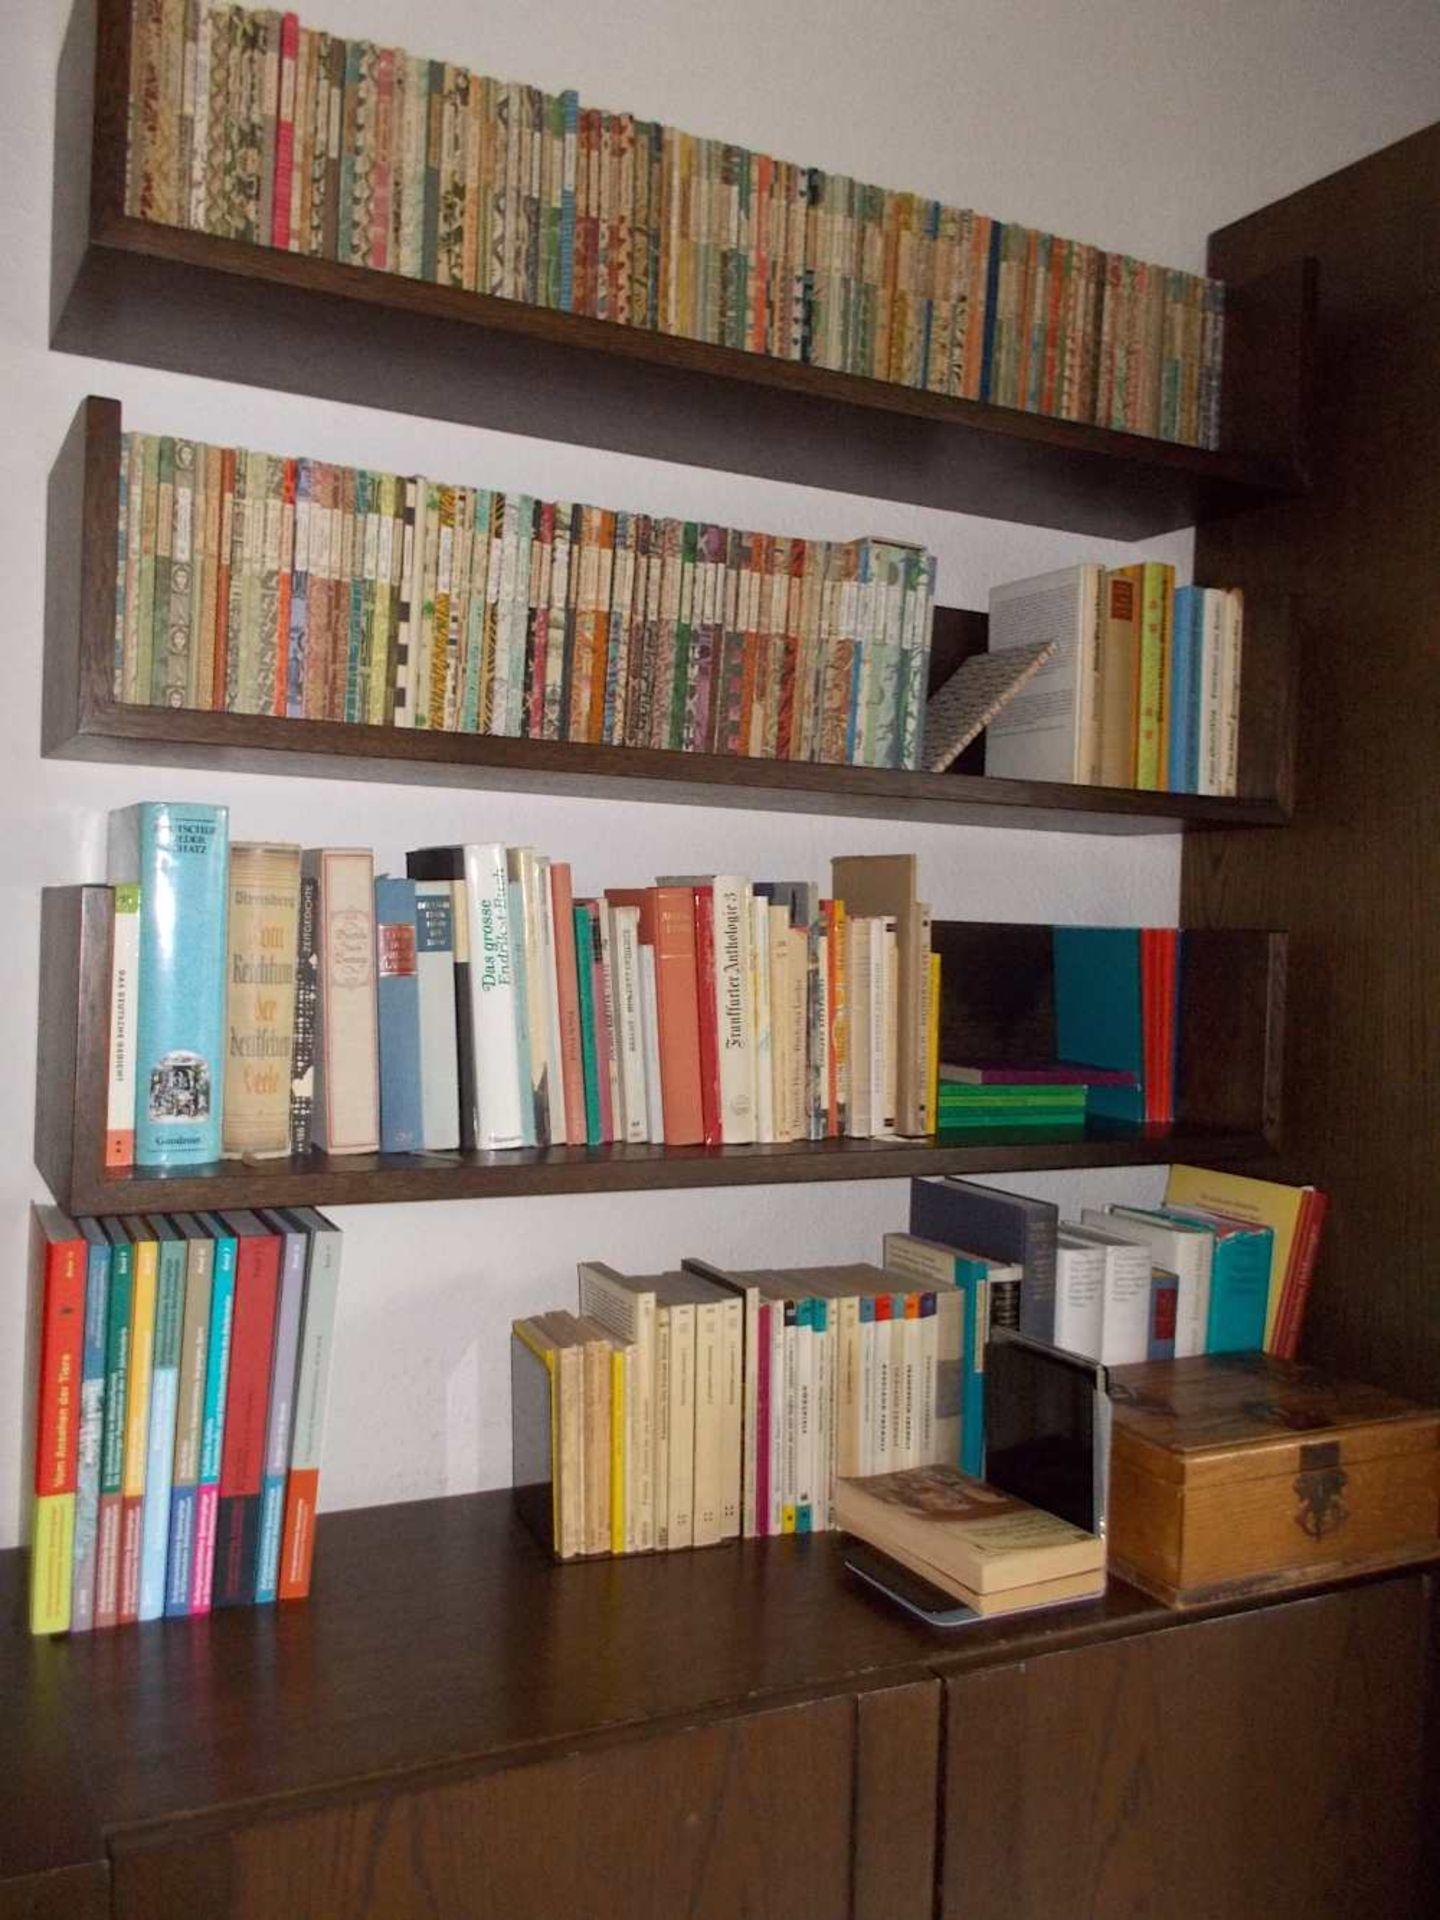 1 Bibliothek bestehend aus ca. 1000 Büchern nztl. Bildbände, Religion und Theologie, - Bild 3 aus 8